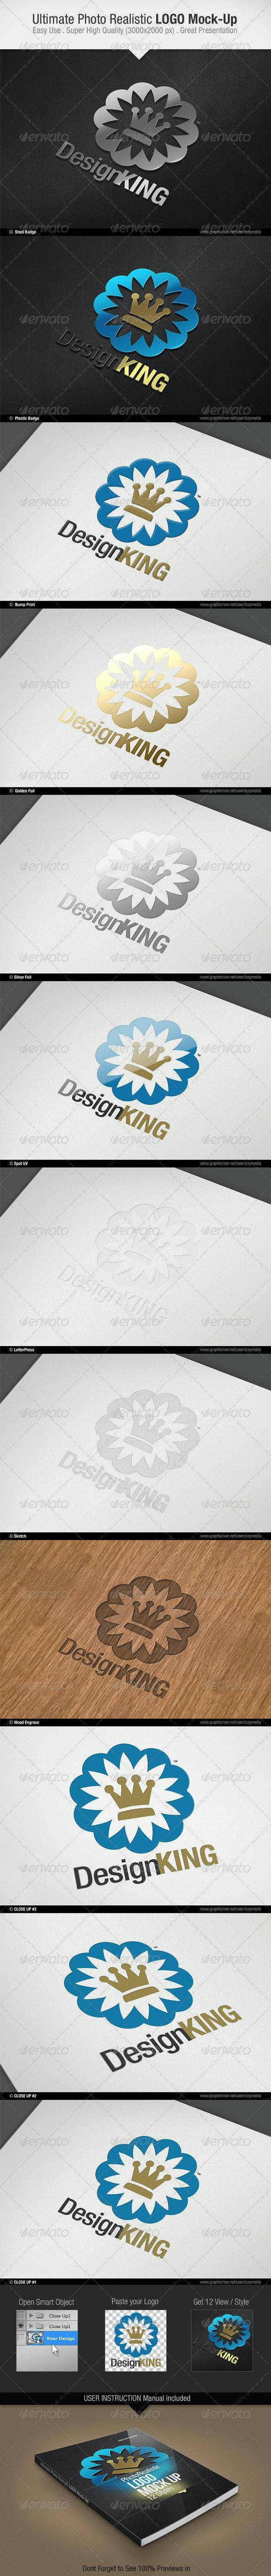 Ultimate Photo Realistic LOGO Mock-Up - Logo Product Mock-Ups